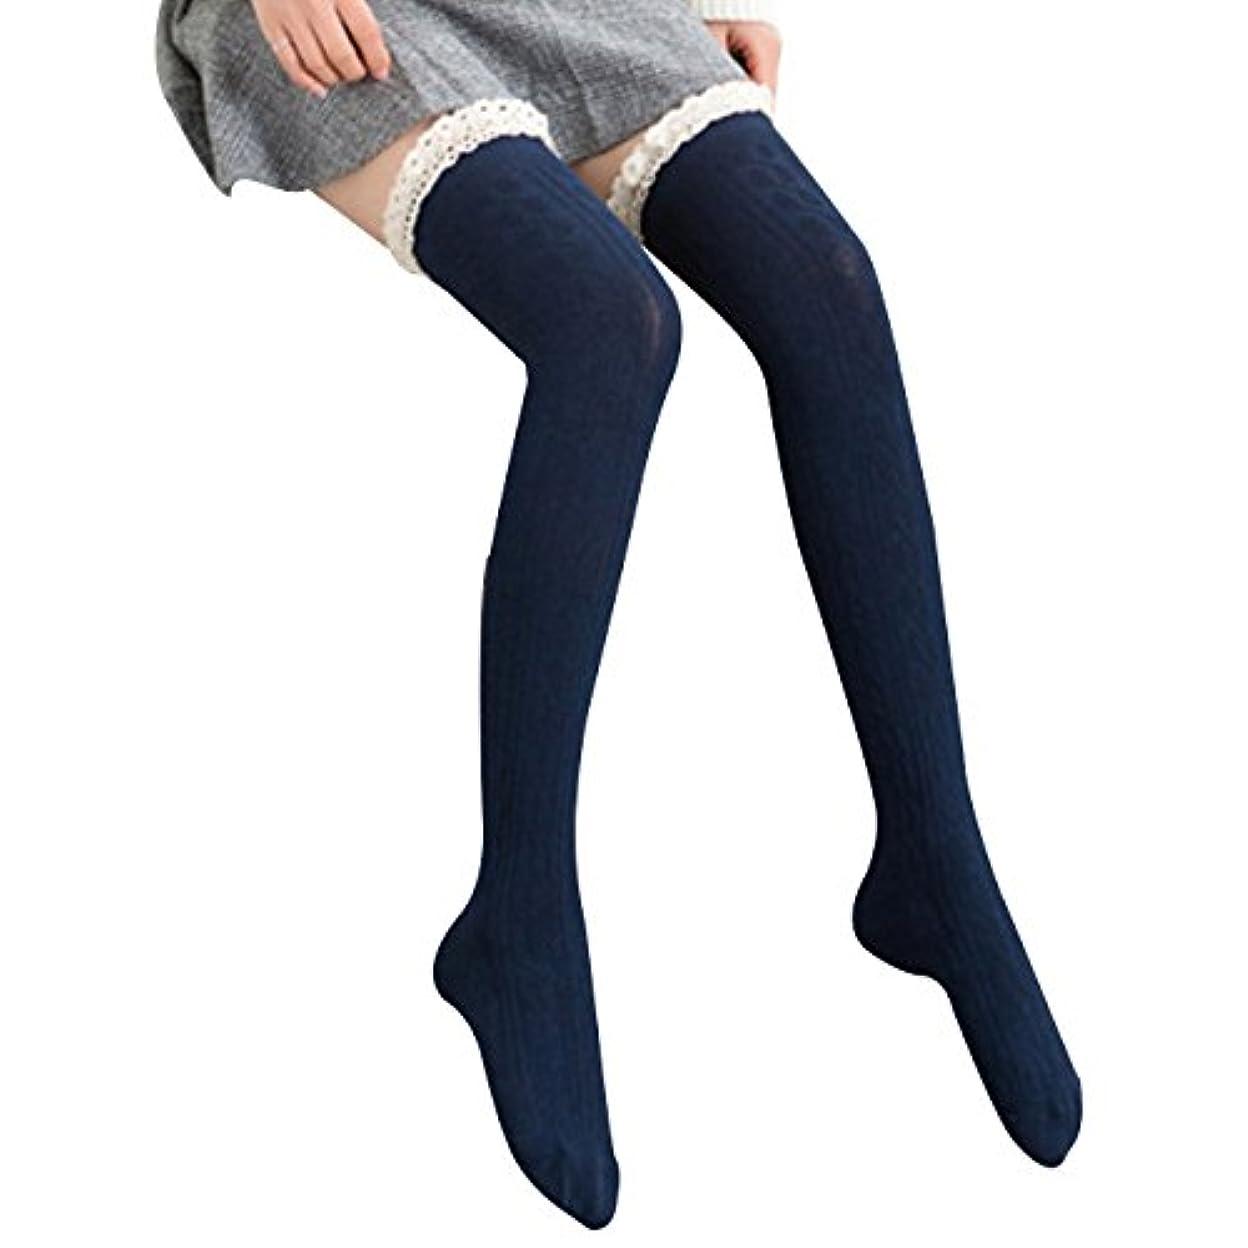 アパル韓国中でオーバーニーソックス 美脚 着圧 スッキリ サイハイソックス ニーハイ ストッキング ロングソックス レディース 靴下 かわいい